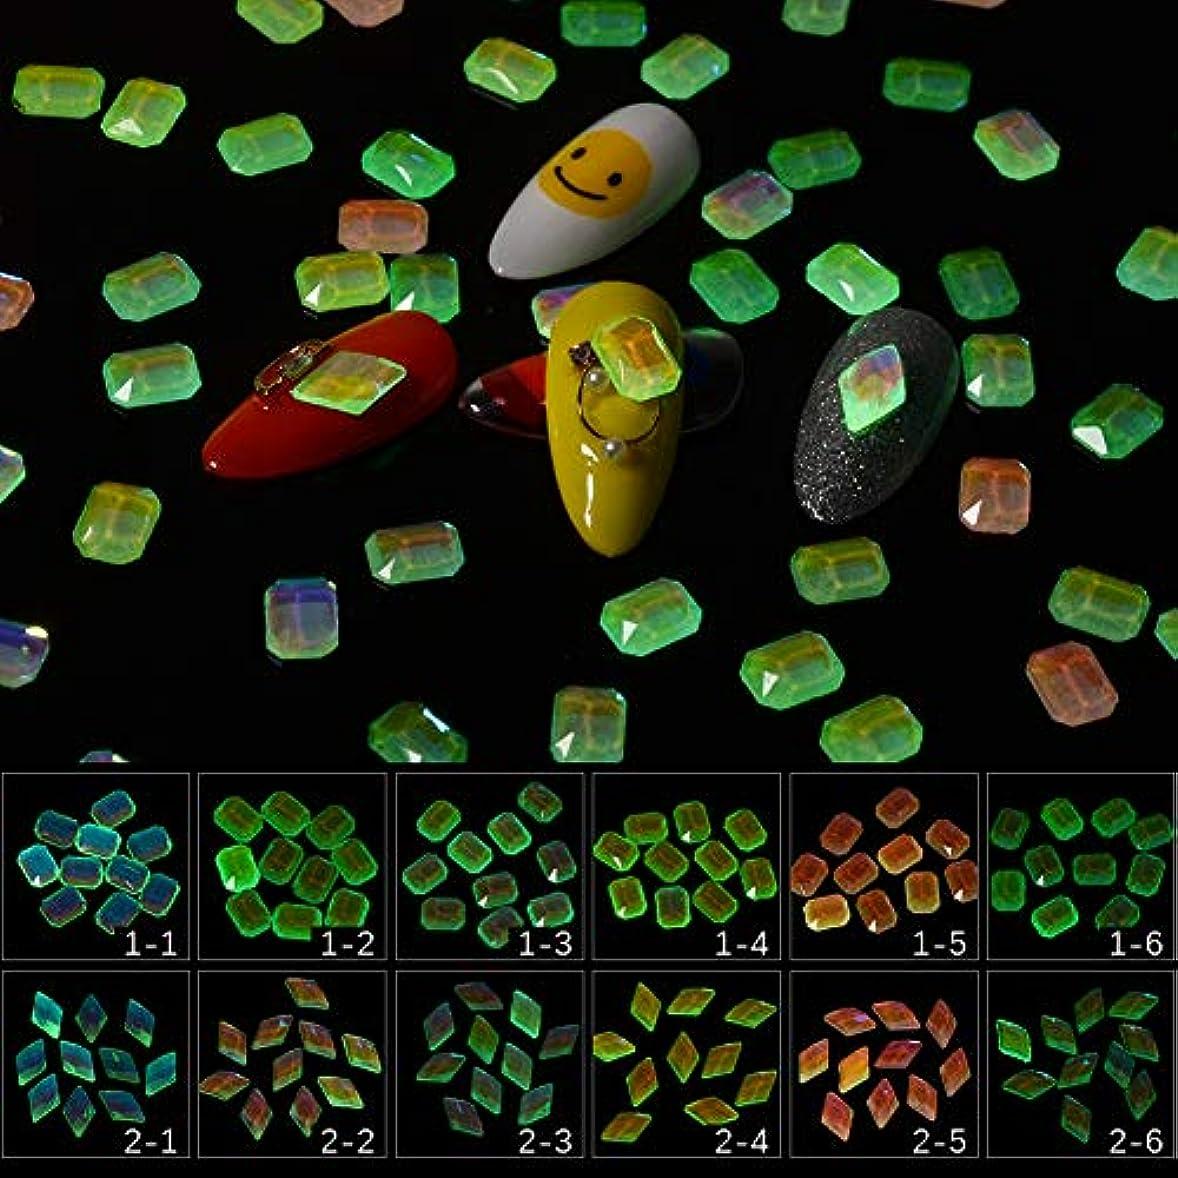 トレード提案する反発メーリンドス 3Dアート夜光ネイルストーン オーロラフィードバッククリスタル 蓄光して暗闇で光るネイルストーン 矩形&菱形選択可能 6色60個セット (02)